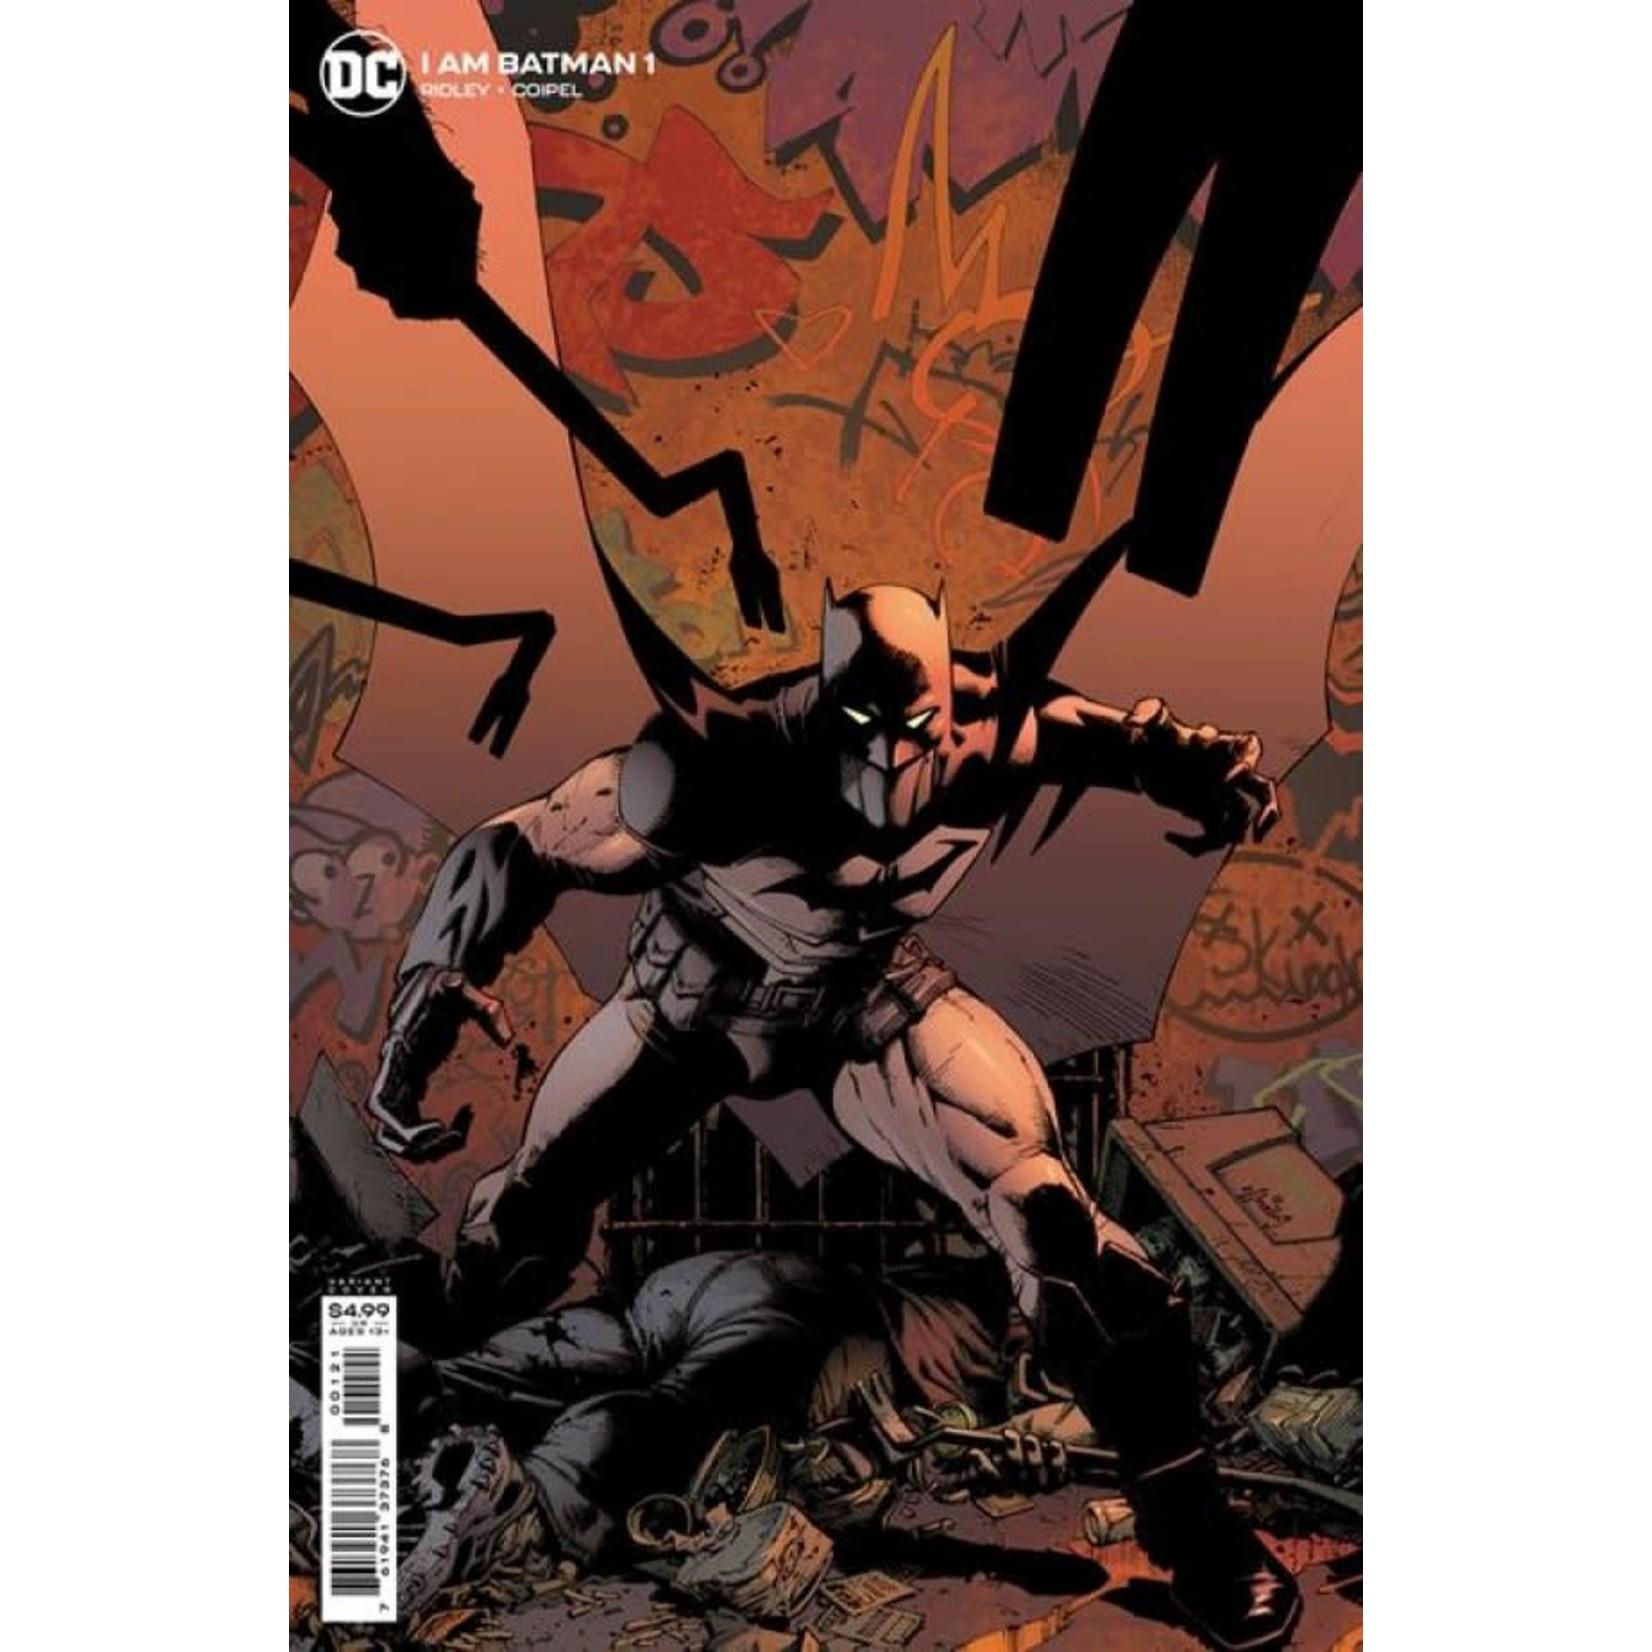 DC Comics I Am Batman #1 Cover B Greg Capullo Card Stock Variant